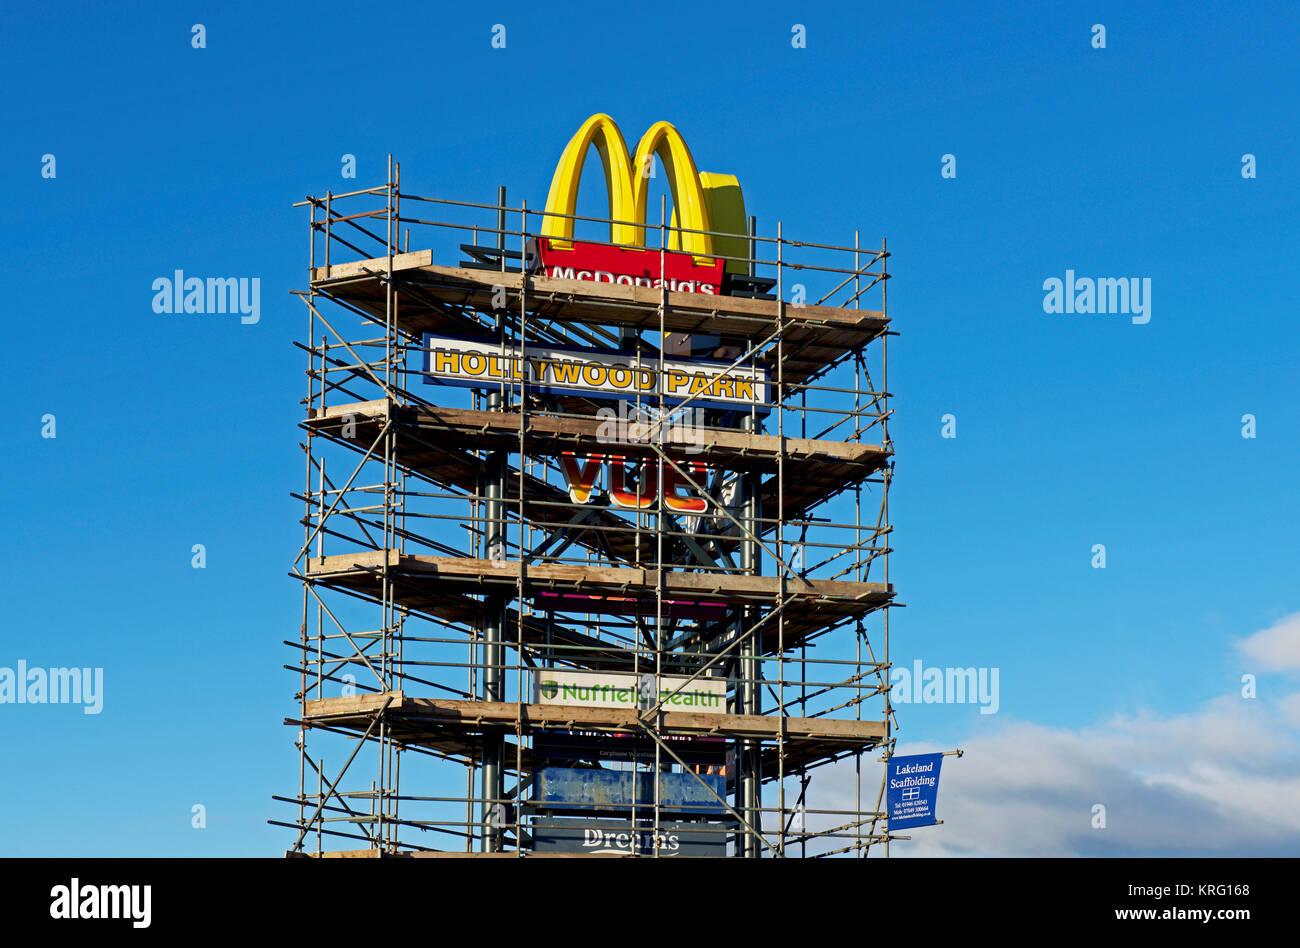 McDonalds logo, and scaffolding, England UK - Stock Image